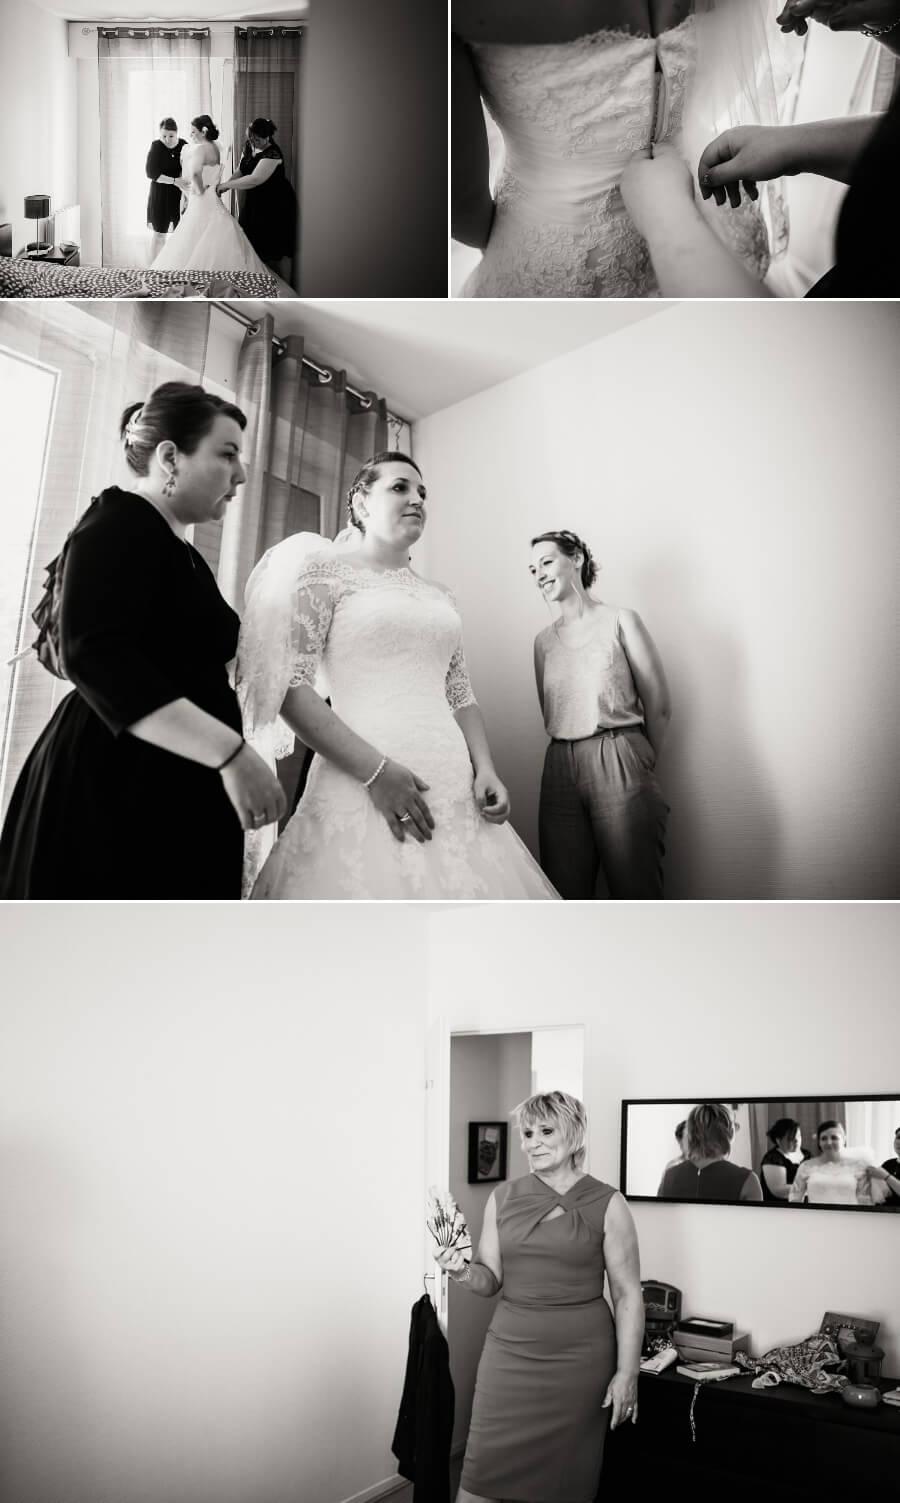 habillage de la mariée reportage photos de mariage Chartres